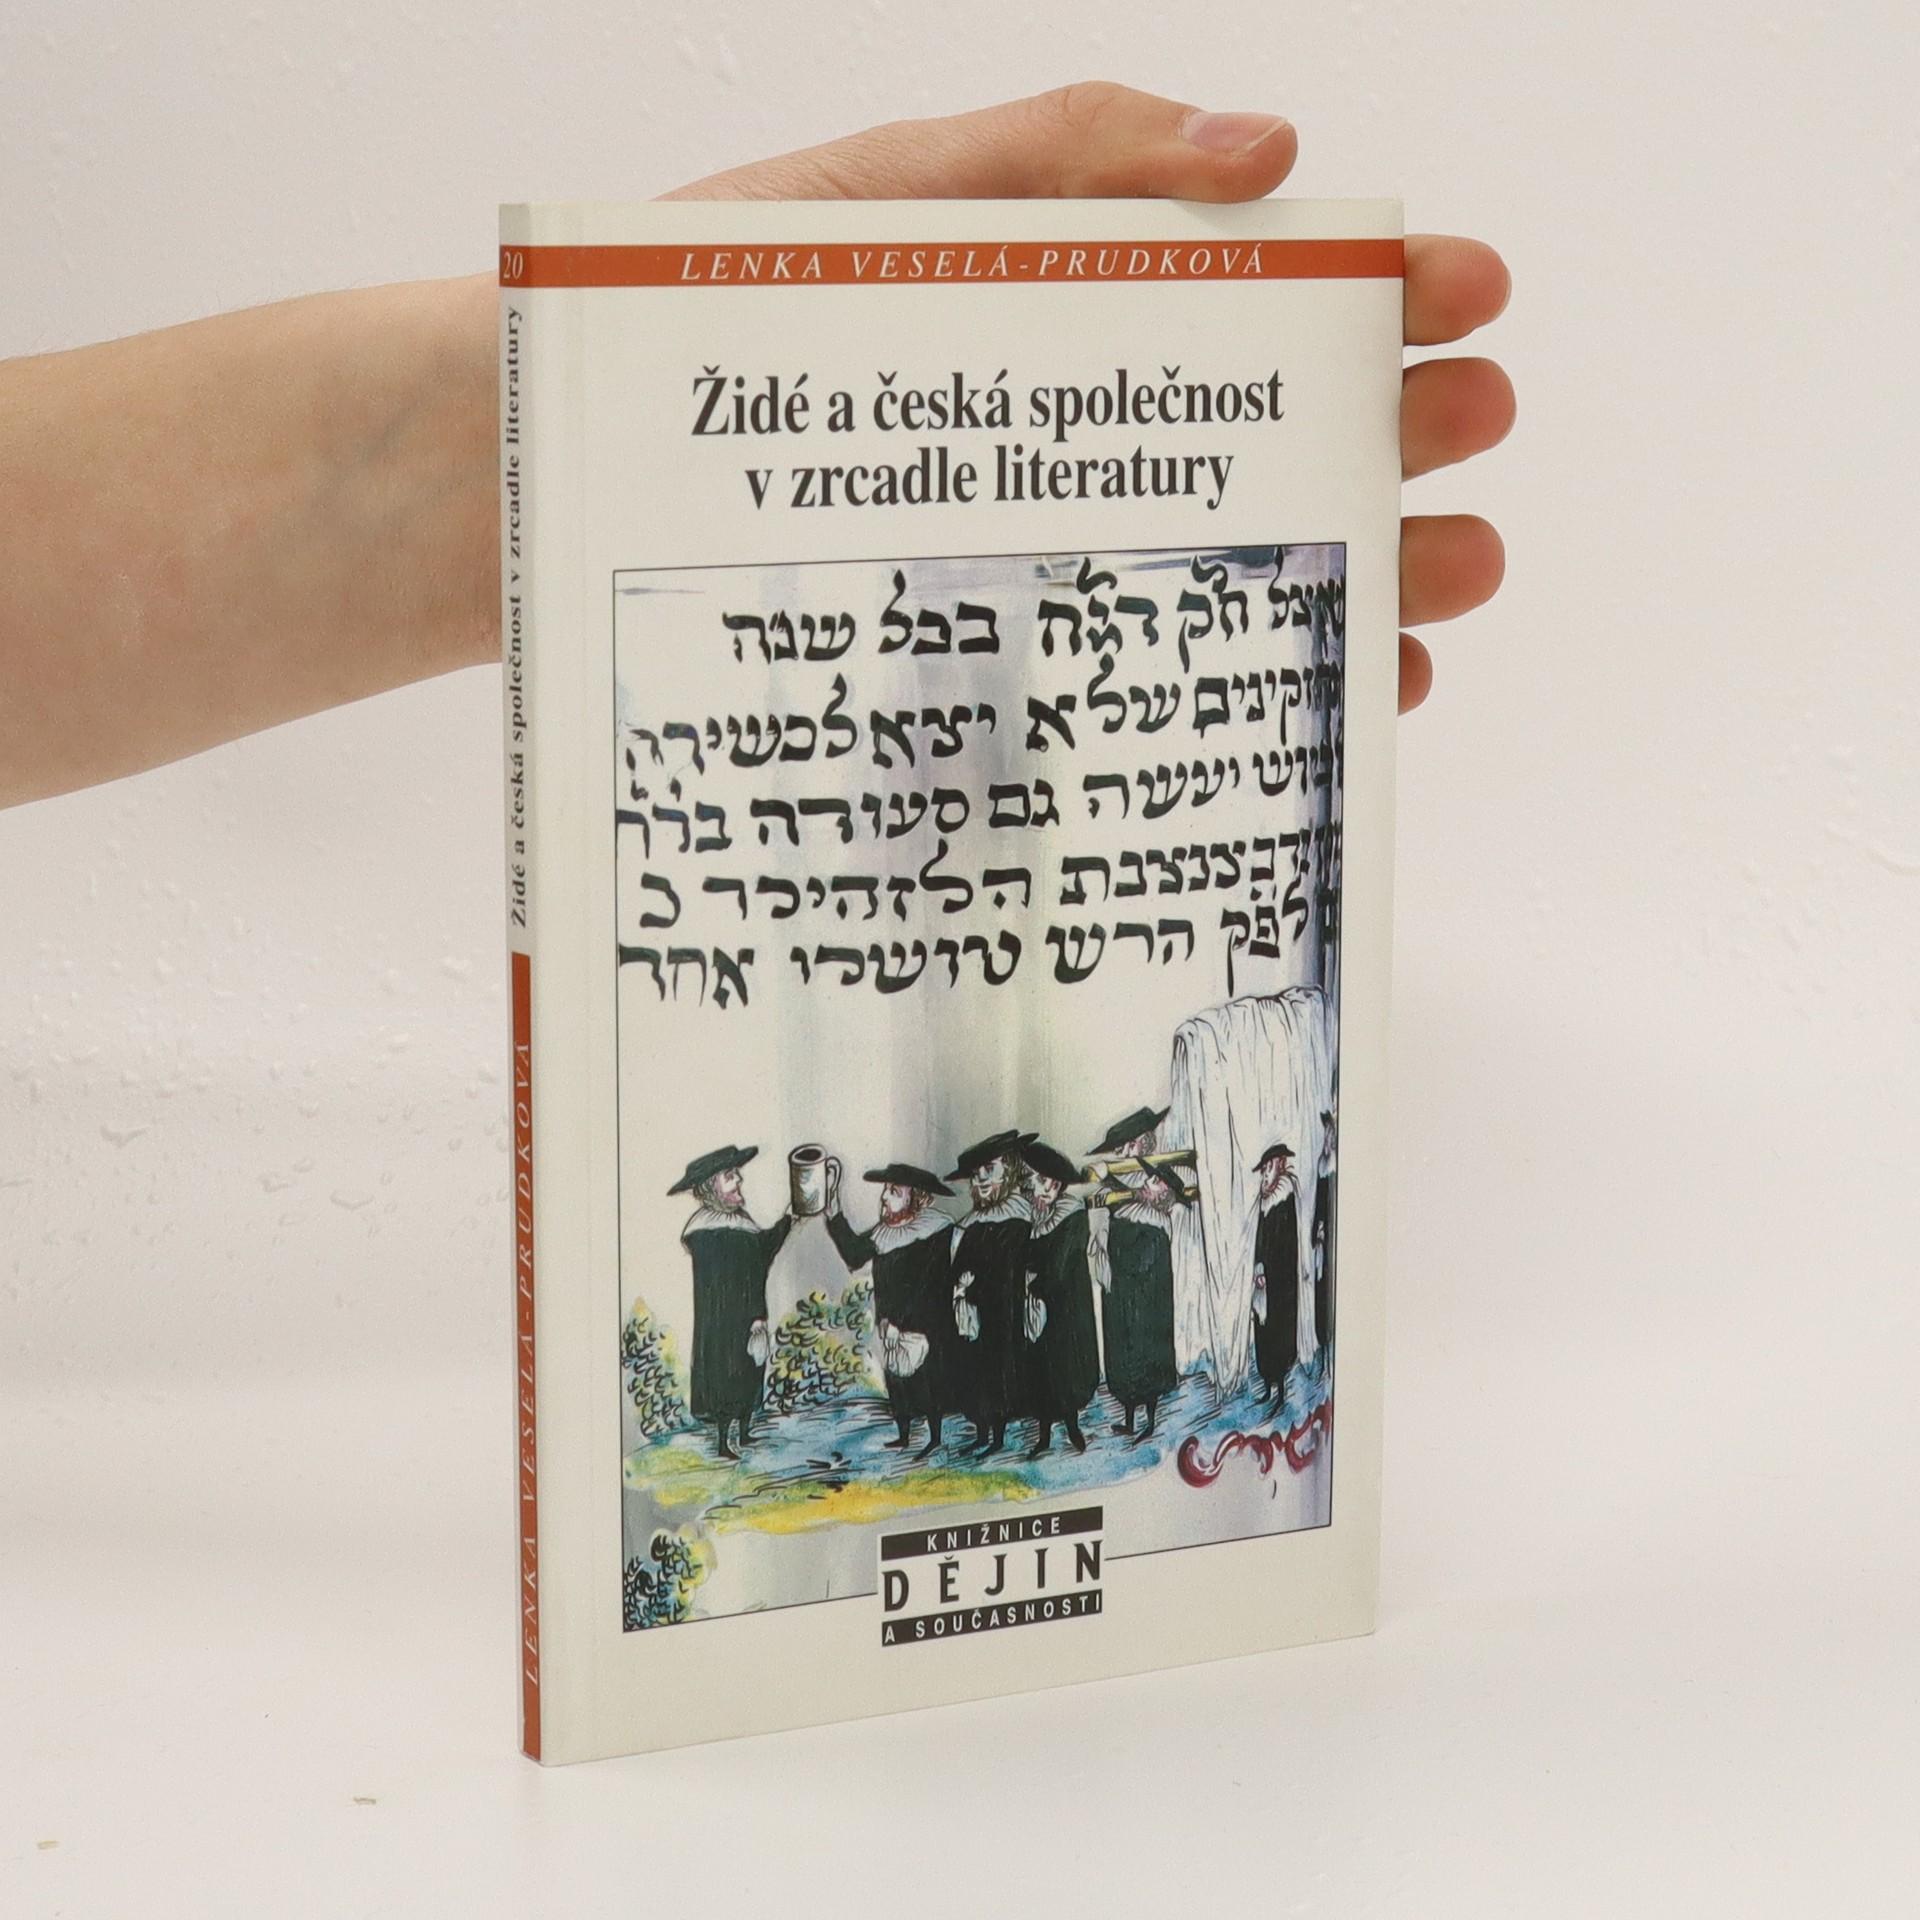 antikvární kniha Židé a česká společnost v zrcadle literatury : od středověku k počátkům emancipace, 2003